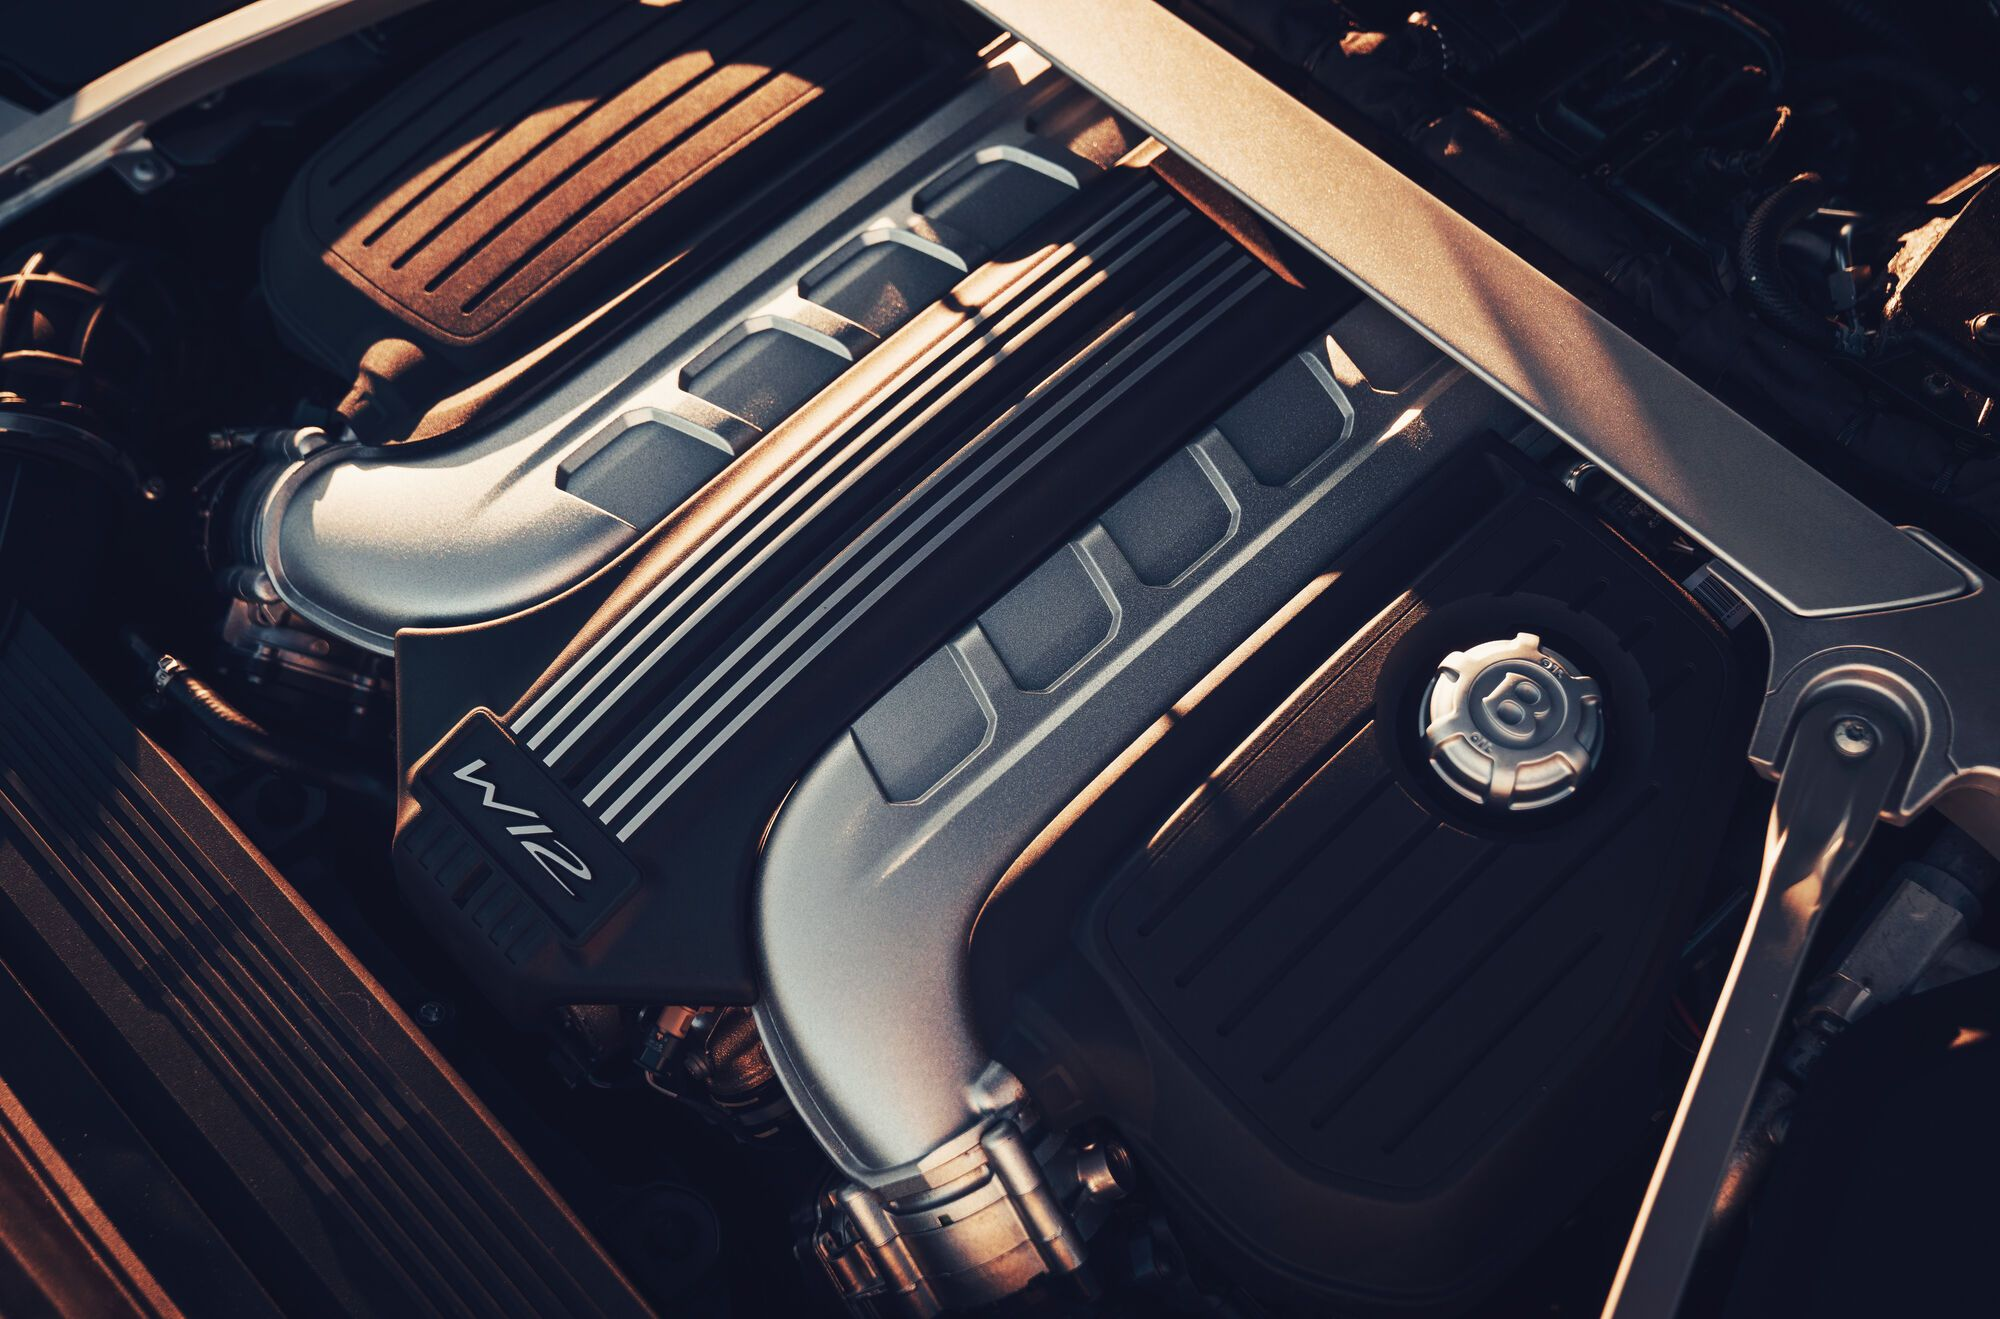 Bentley Flying Spur оснащается 12-цилиндровым 6-литровым мотором мощностью 635 сил